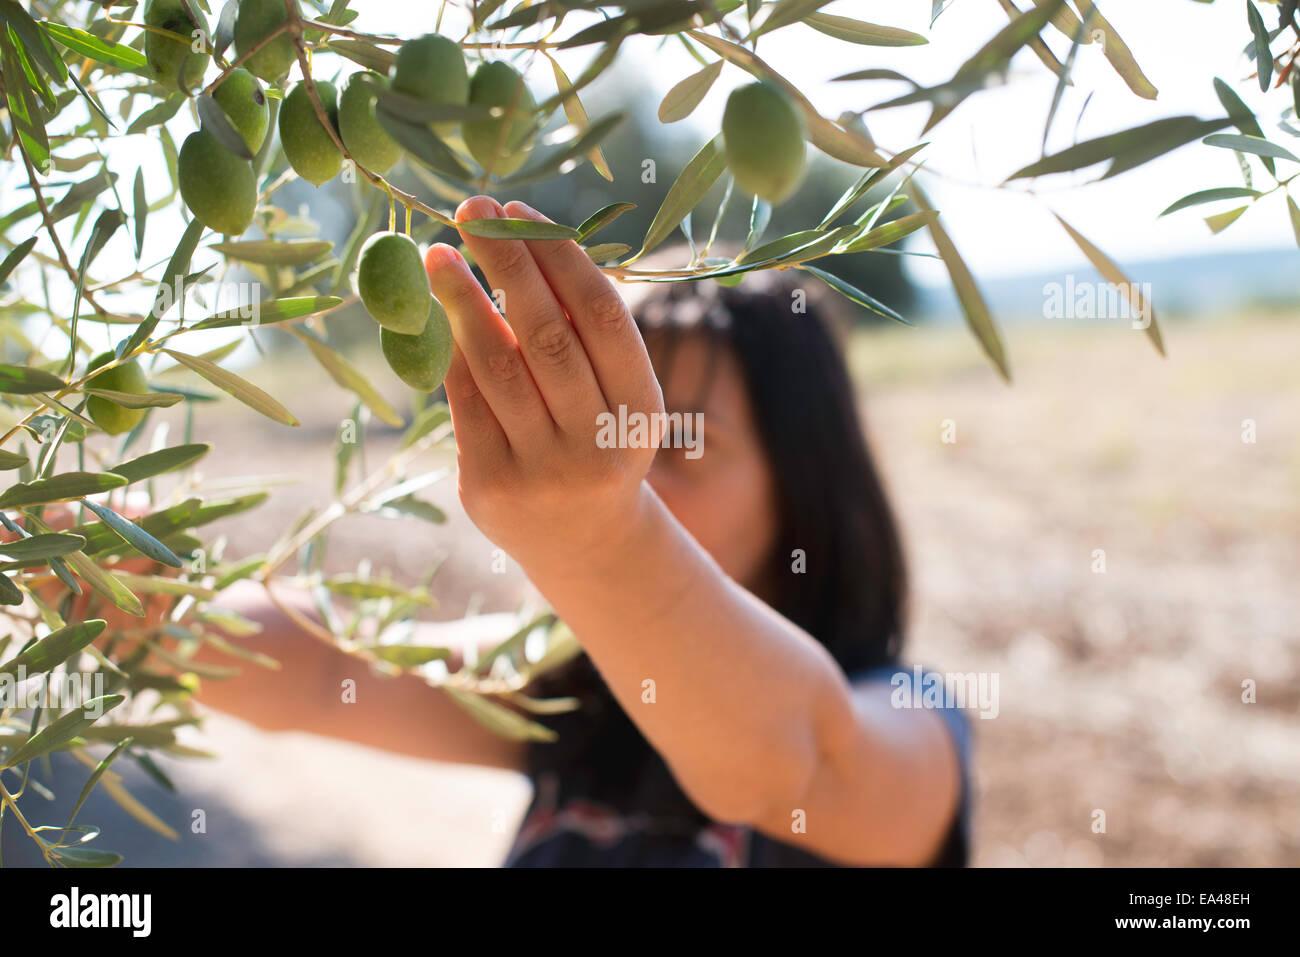 Oliven pflücken. Frau halten Olivenzweig Stockbild